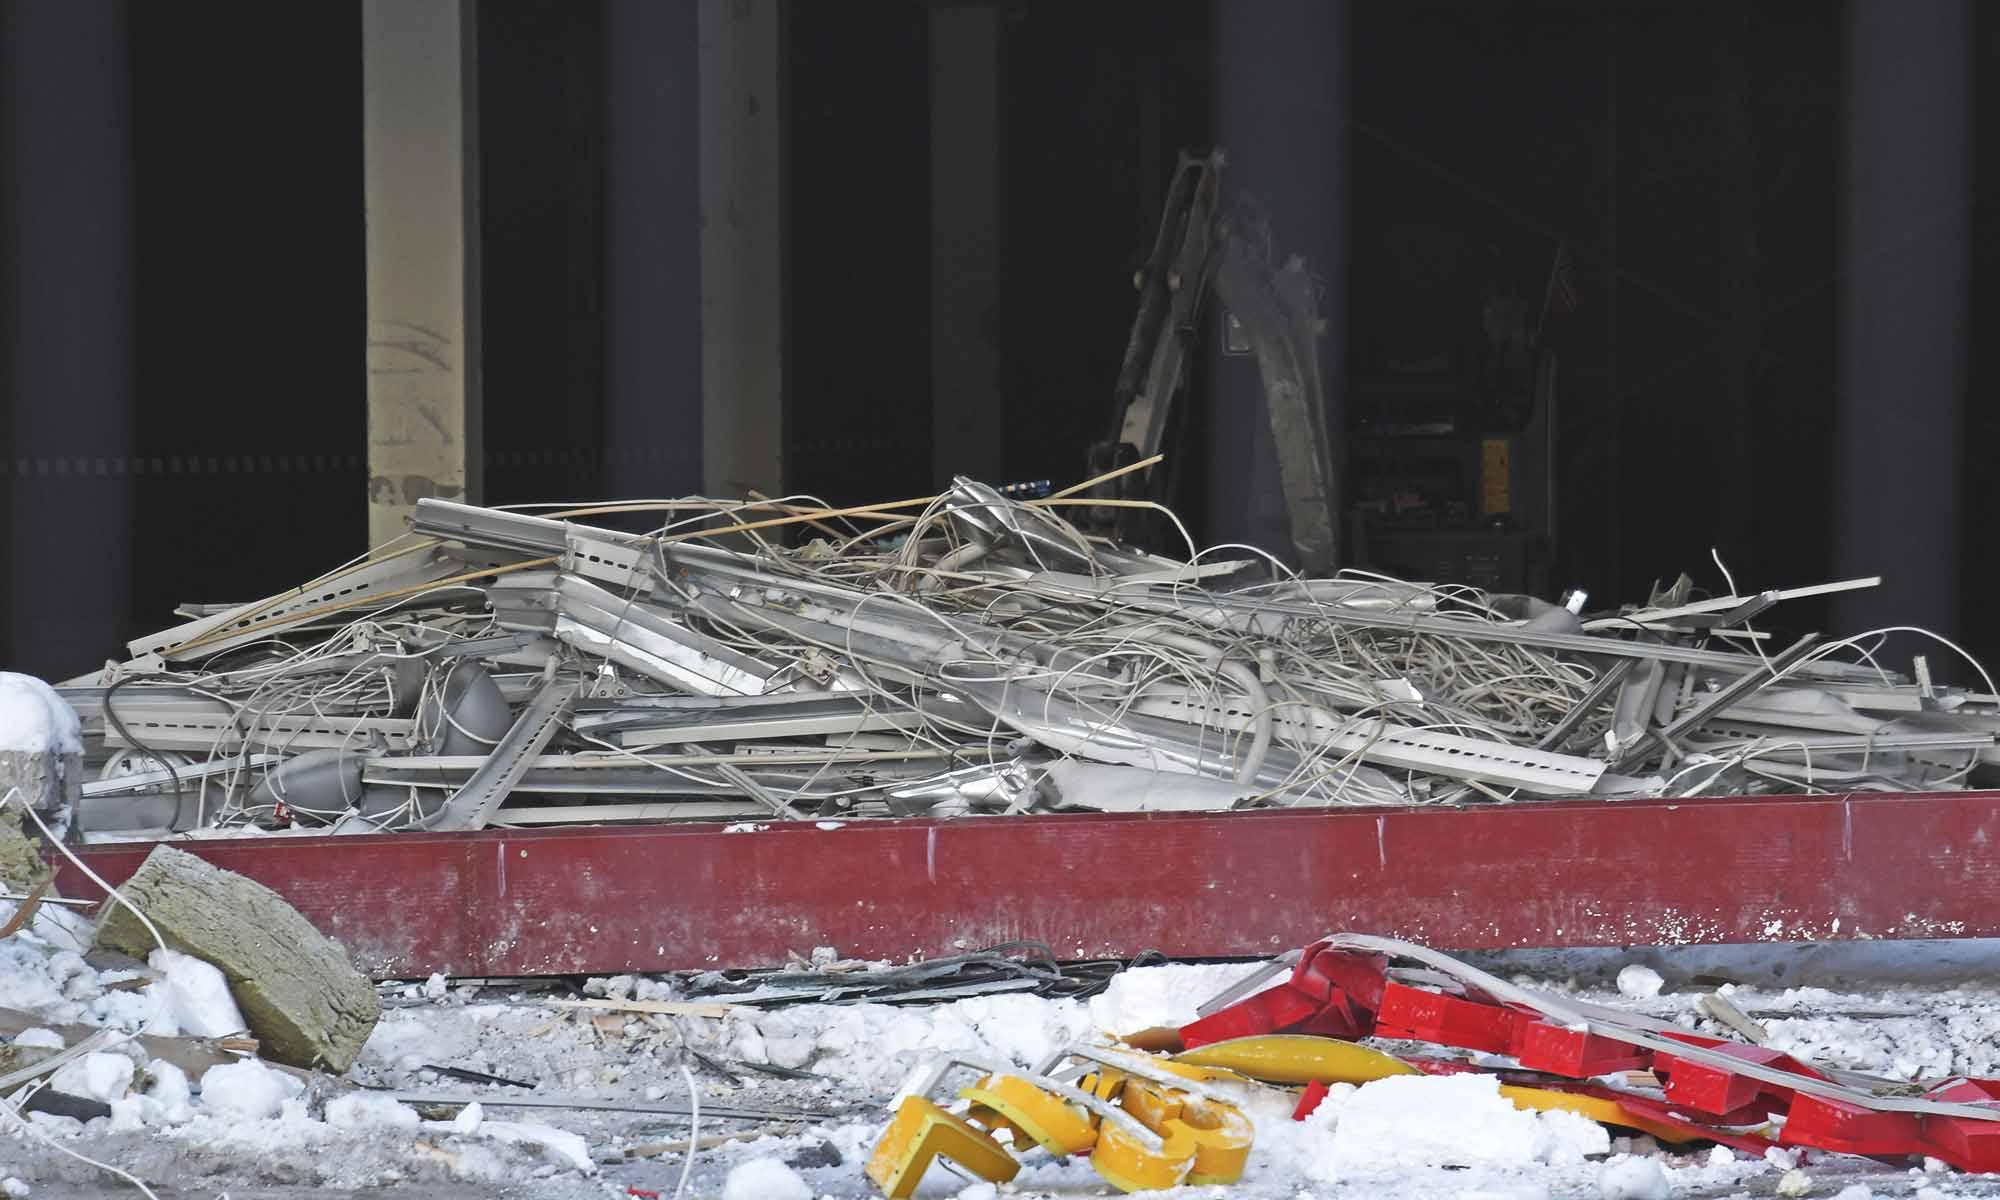 Kabler og ledninger er samlet sammen og levert godkjent deponi. Stål, metaller og kabler er skilt ut fra EE-avfallet og gjenvunnet til råvarer.